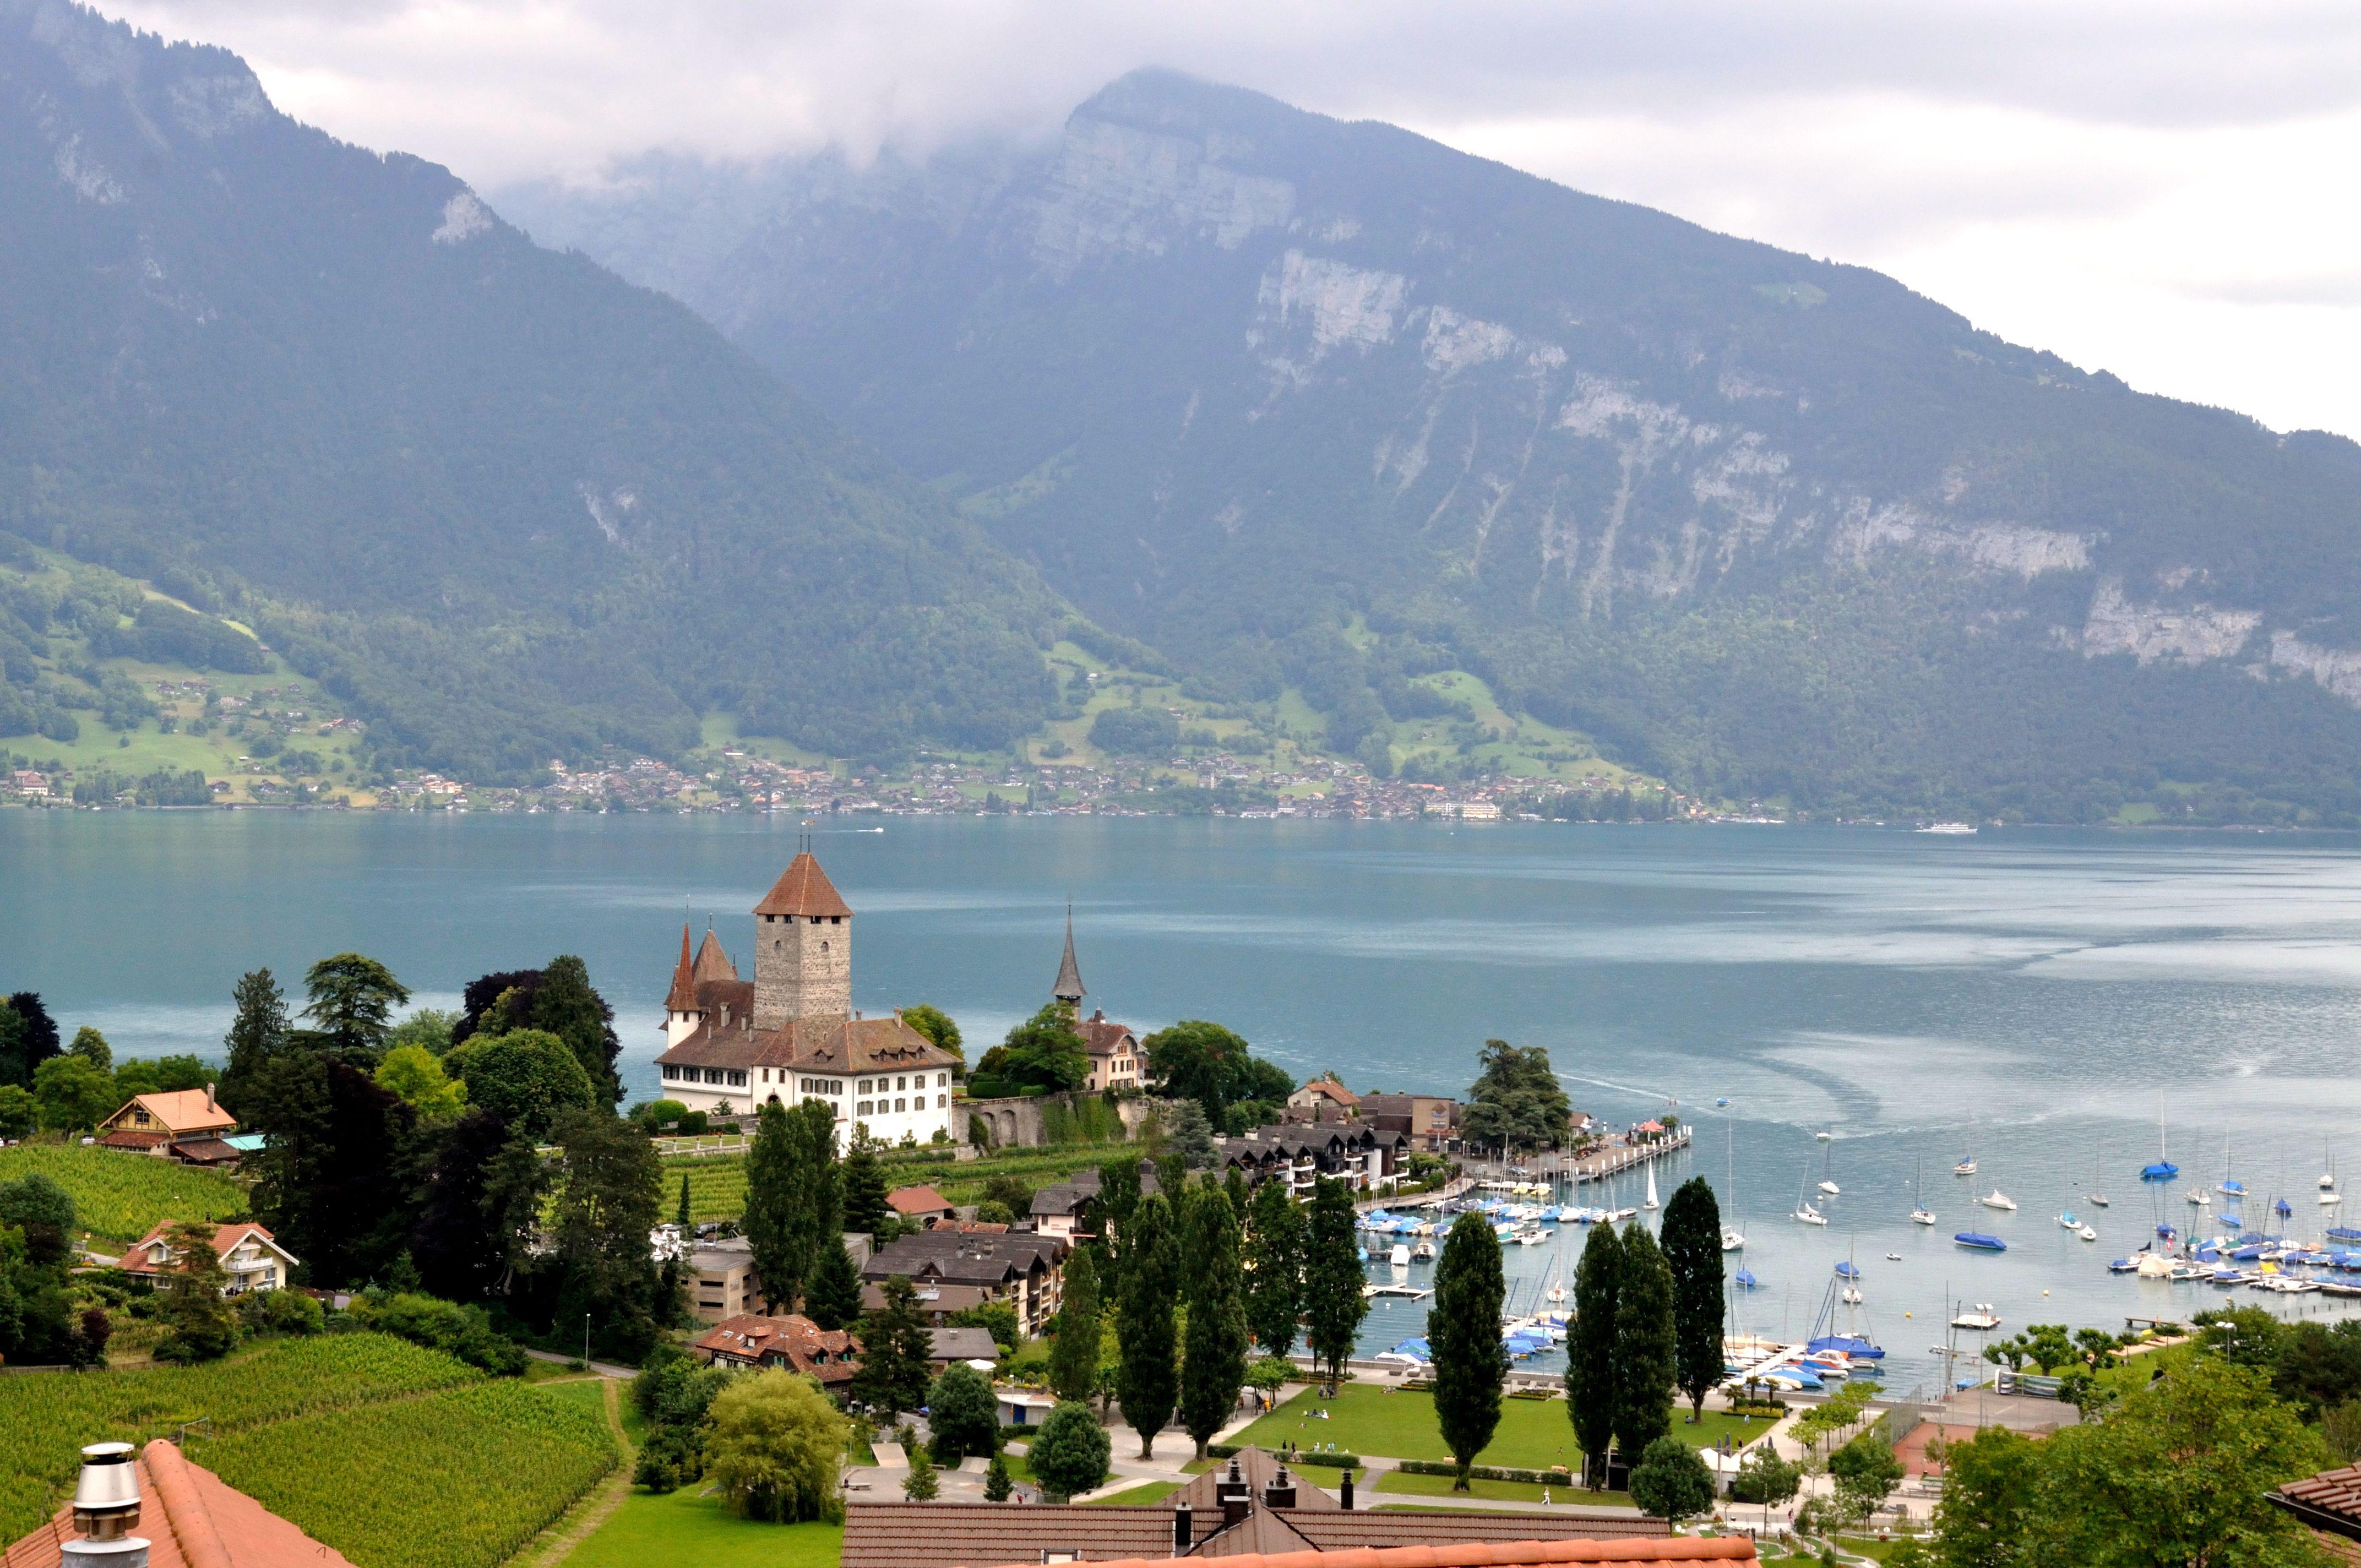 瑞士阿尔卑斯山风景壁纸桌面_风景壁纸_电脑壁纸